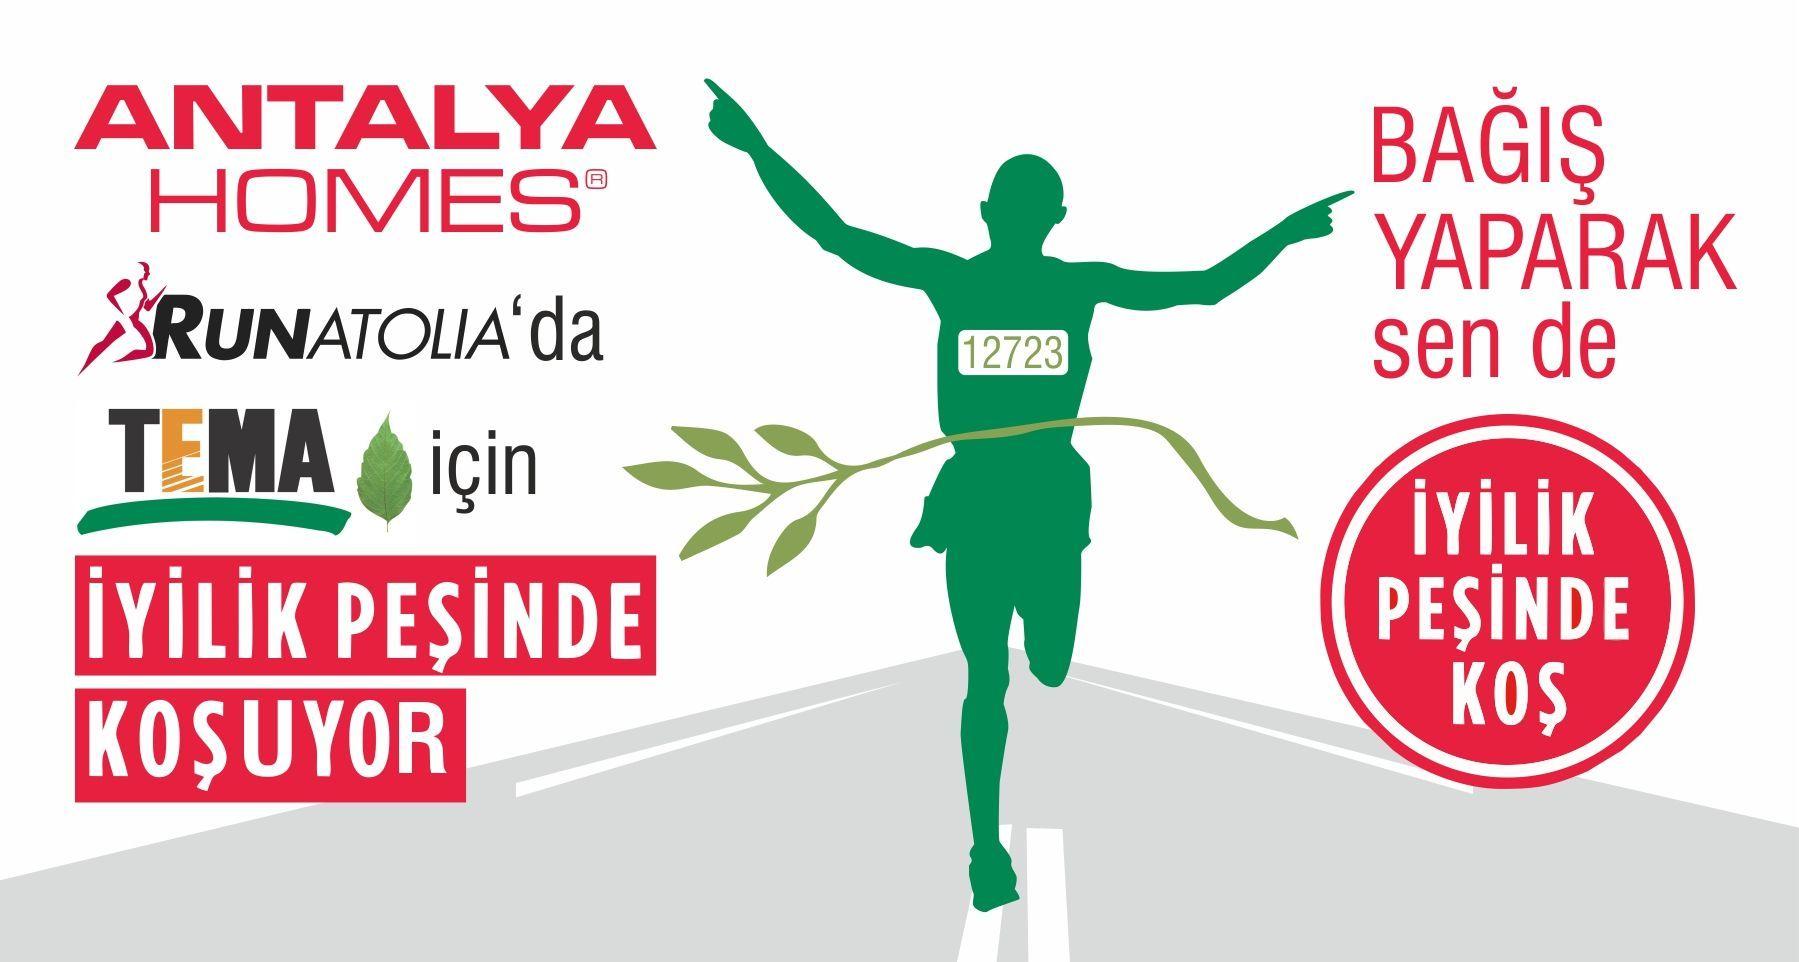 Antalya Homes, TEMA Ağaç Kardeşliğini desteklemek için bu yıl 13.sü düzenlenecek olan Runatolia Maratonuna katılıyor.